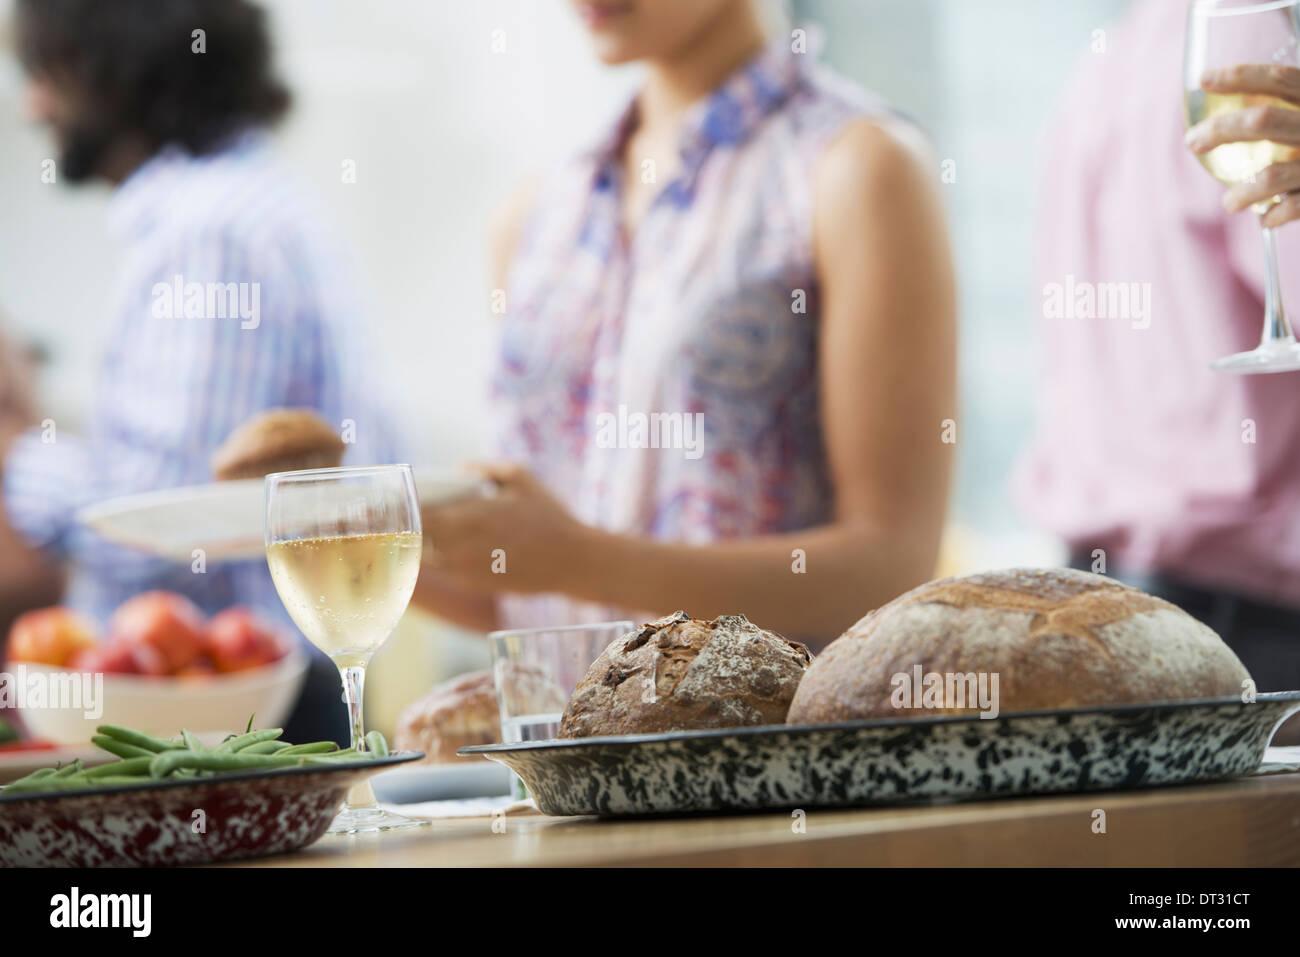 Un piano aperto in ufficio per un pranzo di lavoro a buffet di insalate di età mista e le etnie riuniti insieme Immagini Stock